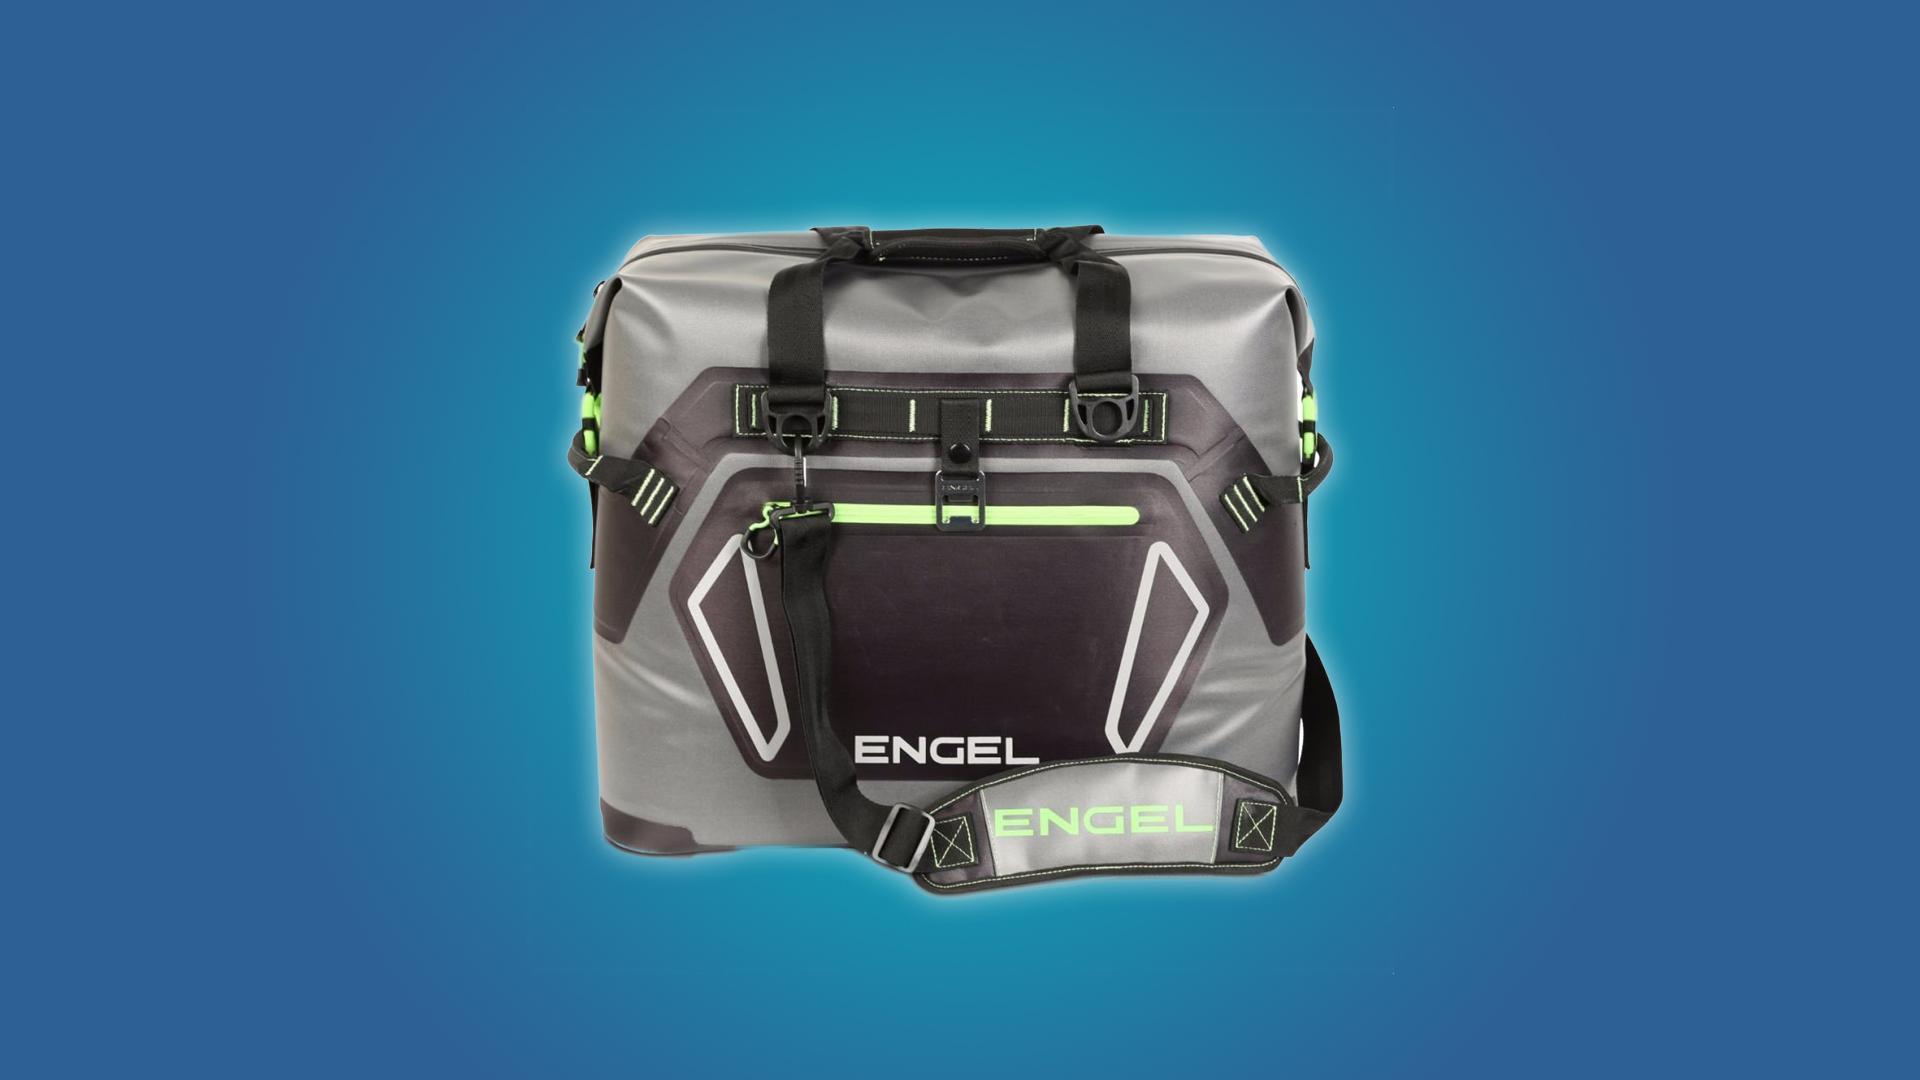 The Engel HD30 20qt Vacuum-Seal Tote